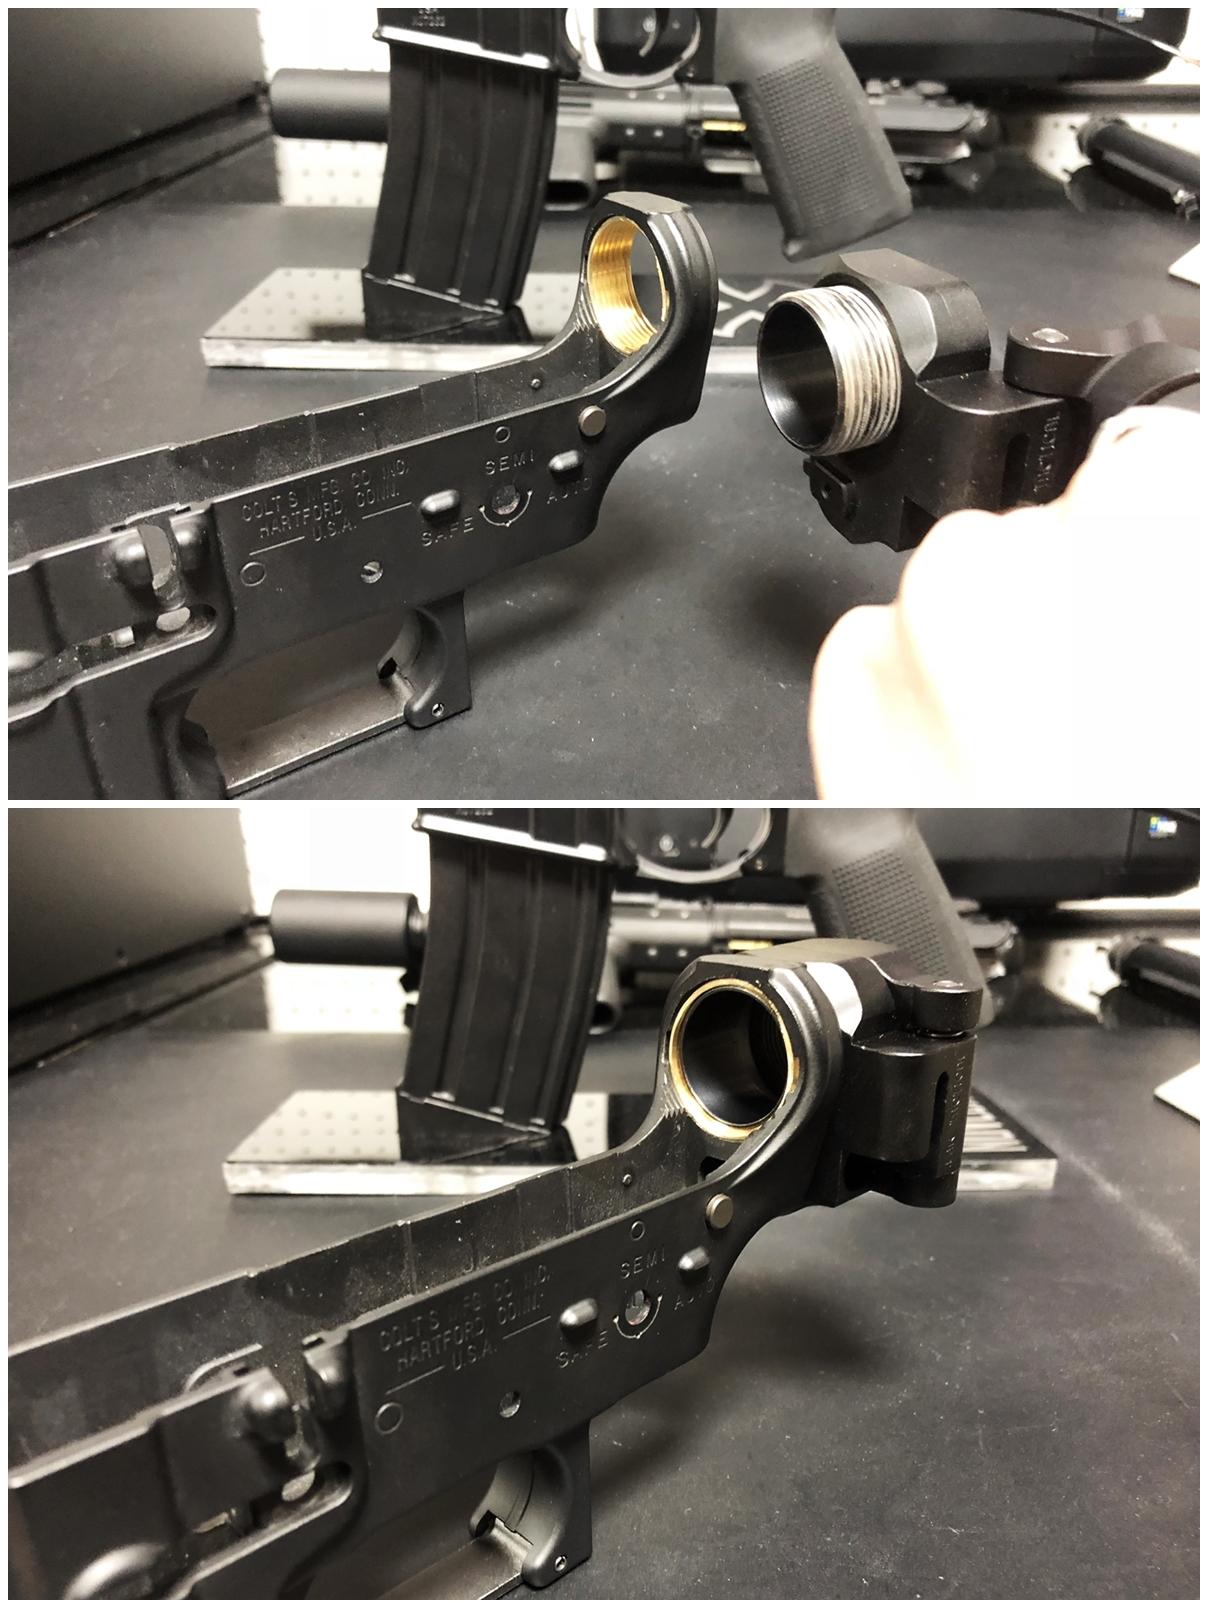 23 次世代 M4 CQB-R 電動ガン 実物 KAK ストック 取付 改造 カスタム 大作戦 第五弾!! やっと加工を再開!! 実銃 ストックパイプ AR フォールディング アダプター ダイス ネジ タップ 切り 加工 仮組 取付 道具 購入